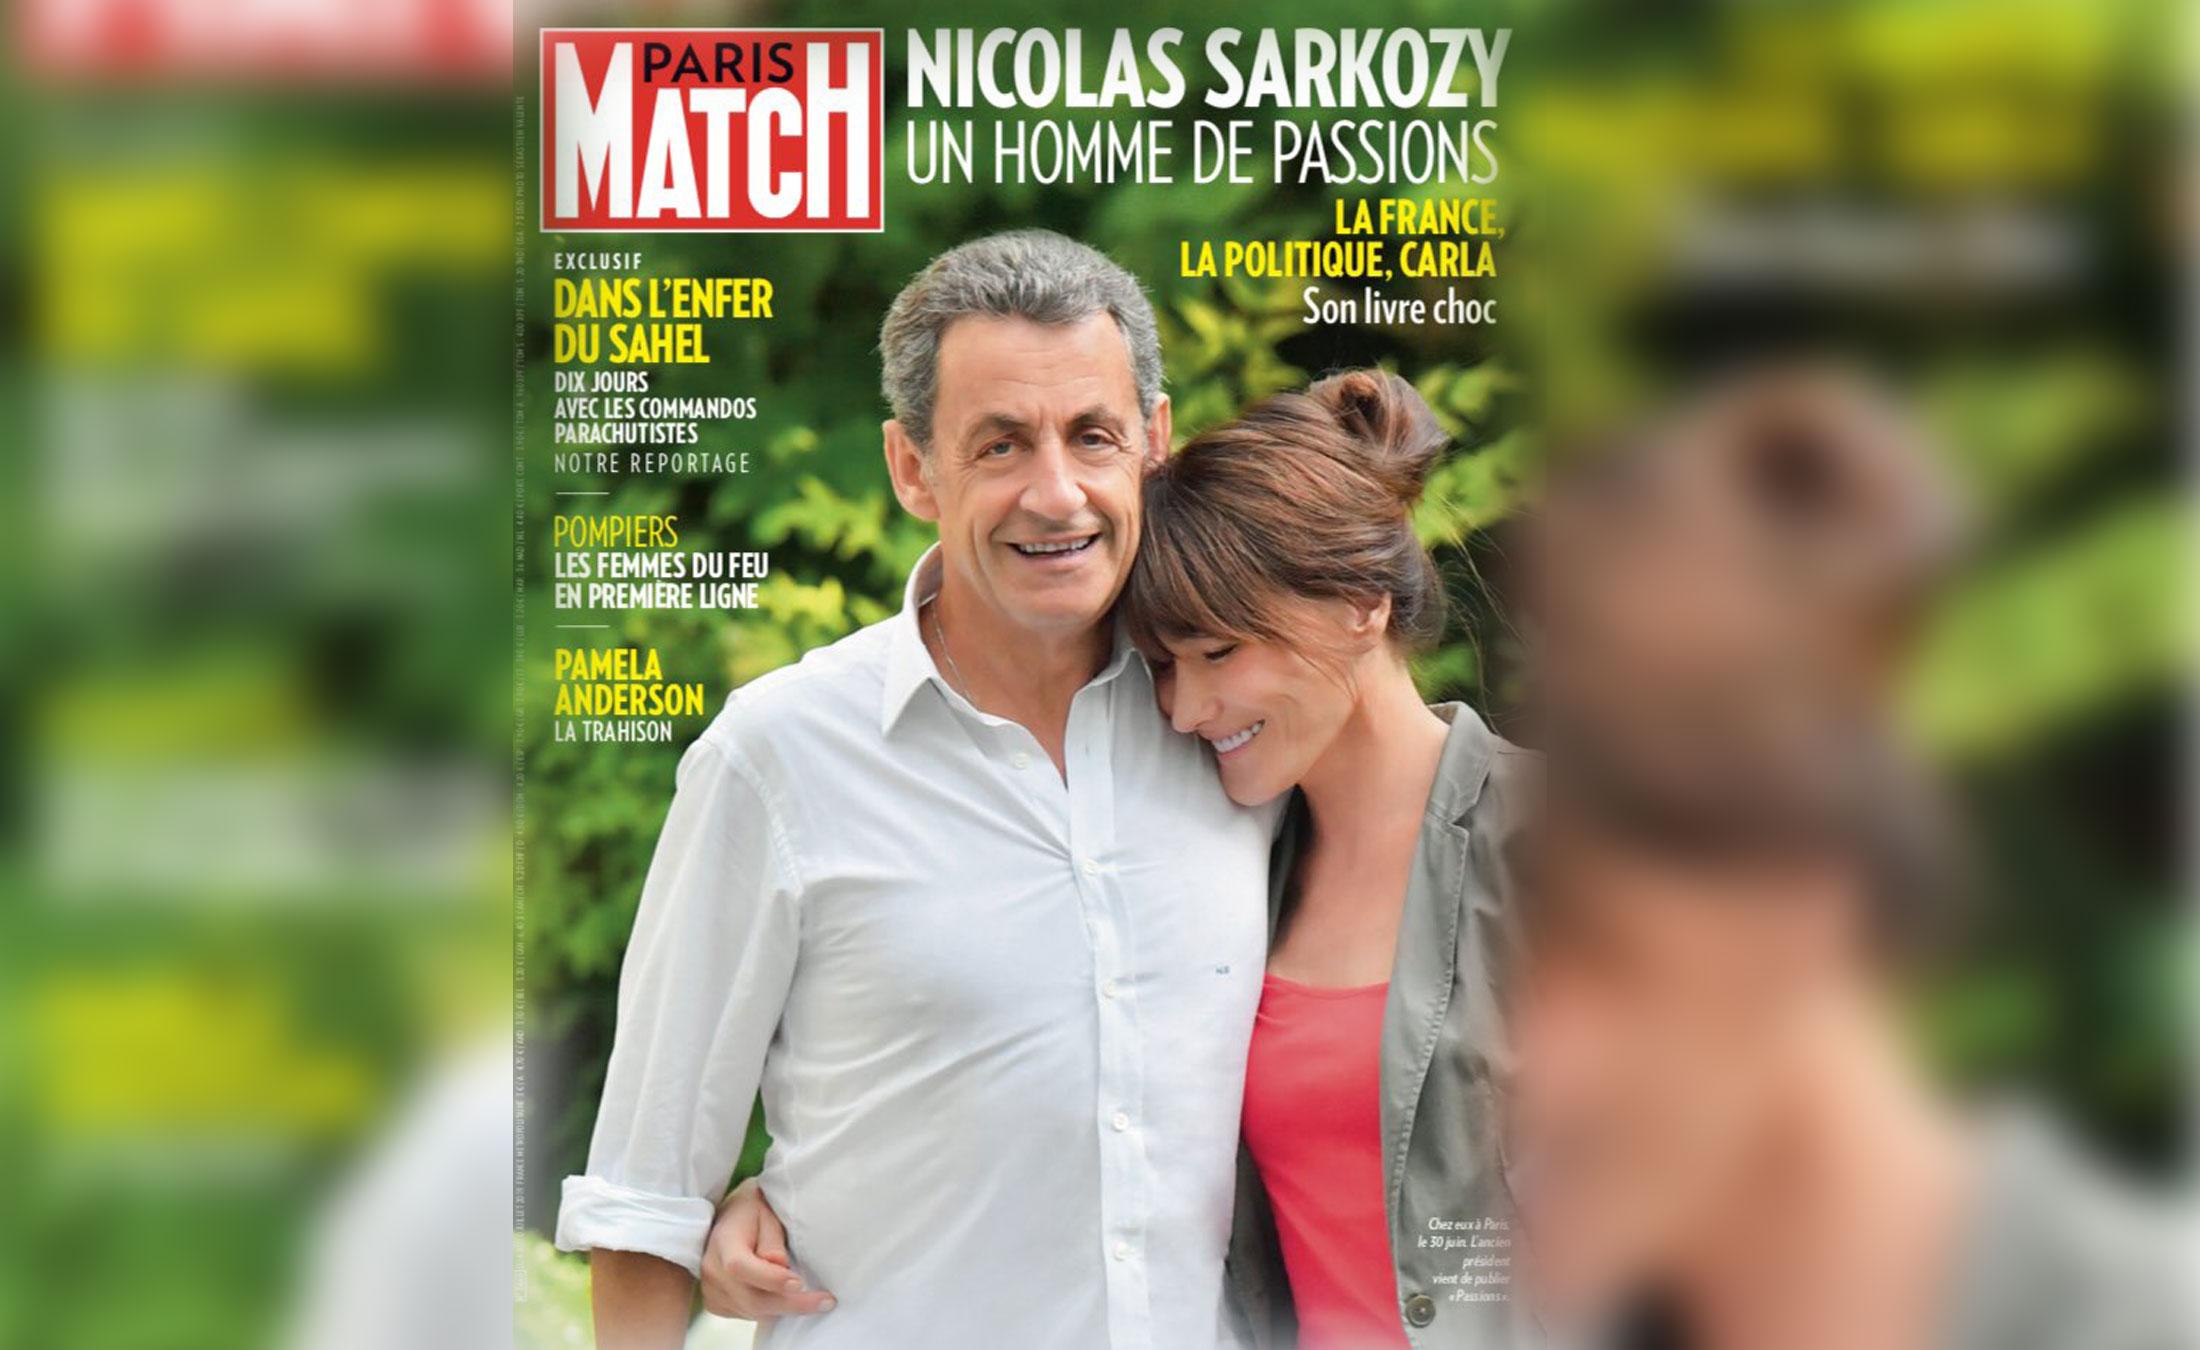 """Η Κάρλα Μπρούνι… """"μπήκε"""" και την πέρασε σε ύψος ο Σαρκοζί – """"Γλεντάει"""" το εξώφυλλο του Paris Match το twitter"""